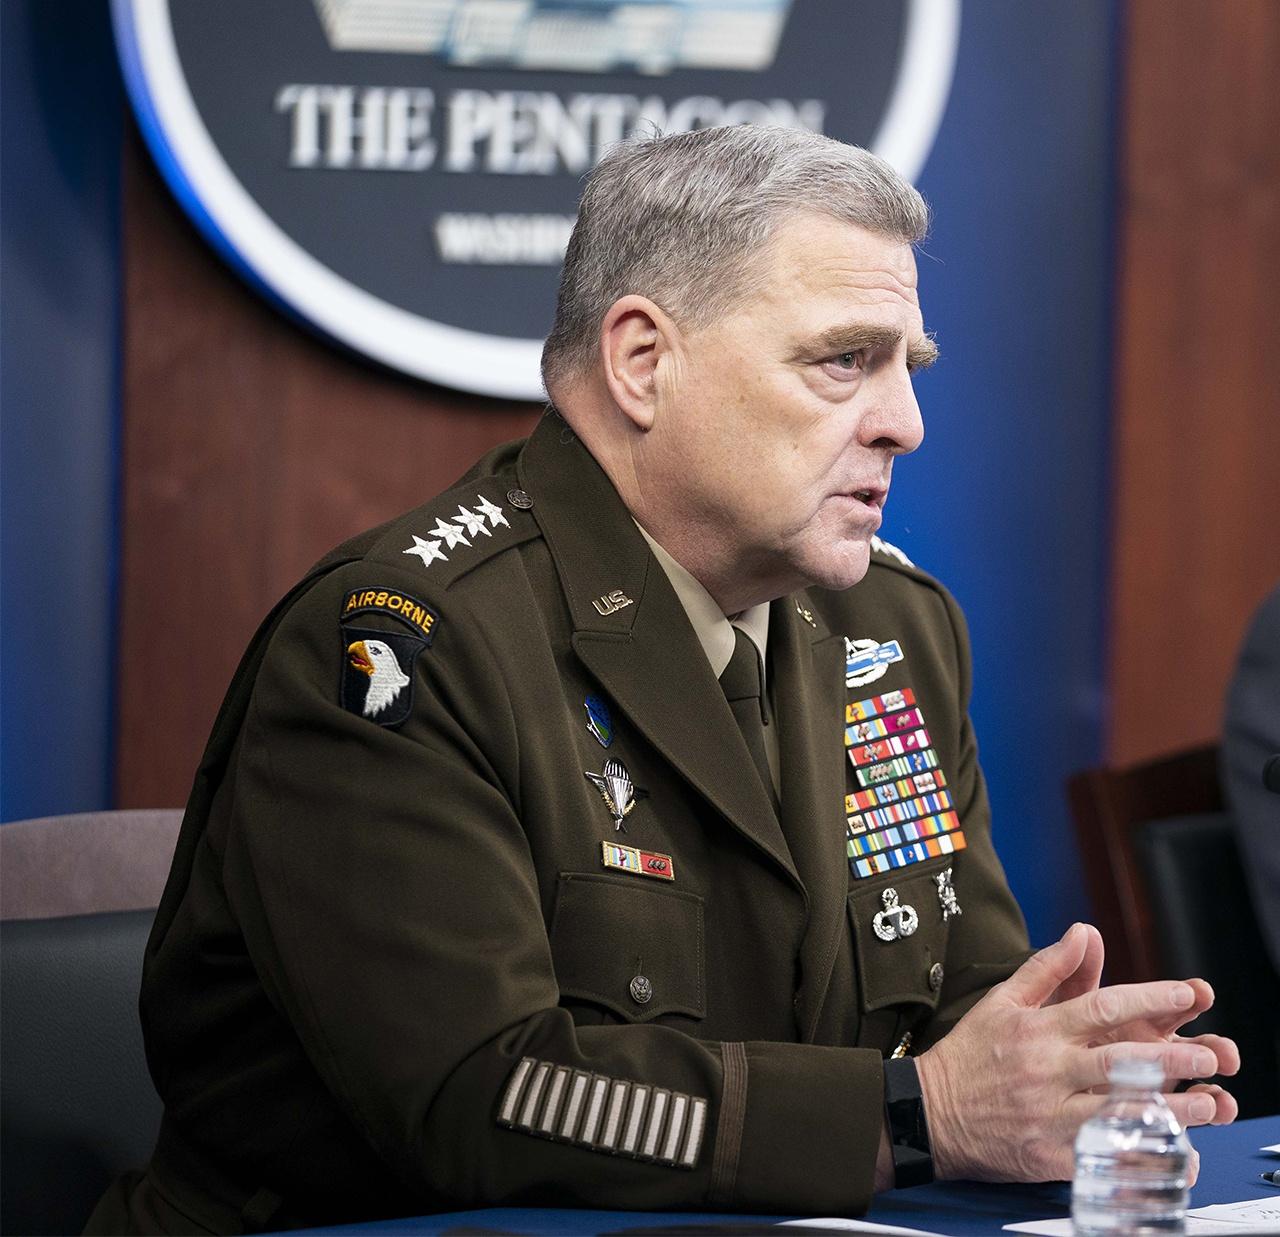 Председатель Объединённого комитета начальников штабов генерал Марк Э. Милли заявил, что для подготовки к войне США должны освоить в следующем десятилетии 50 новых технологий.